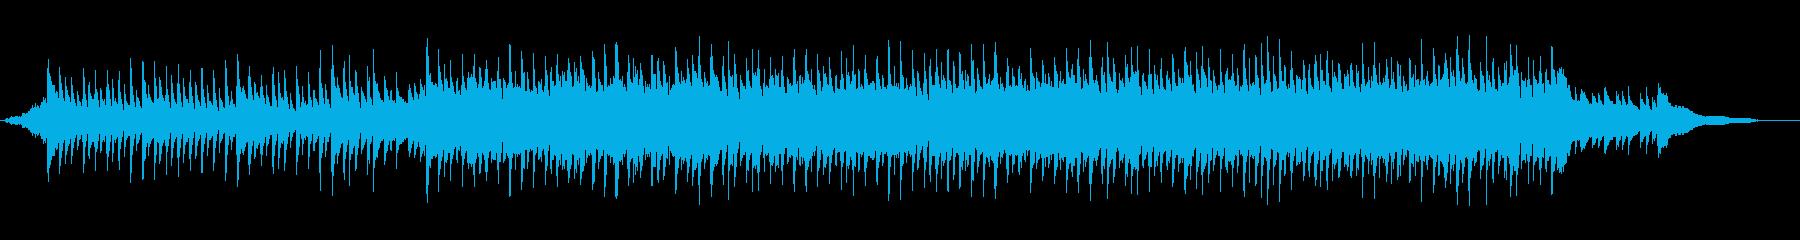 企業VP1-2/爽やか/ピアノ/結婚式の再生済みの波形